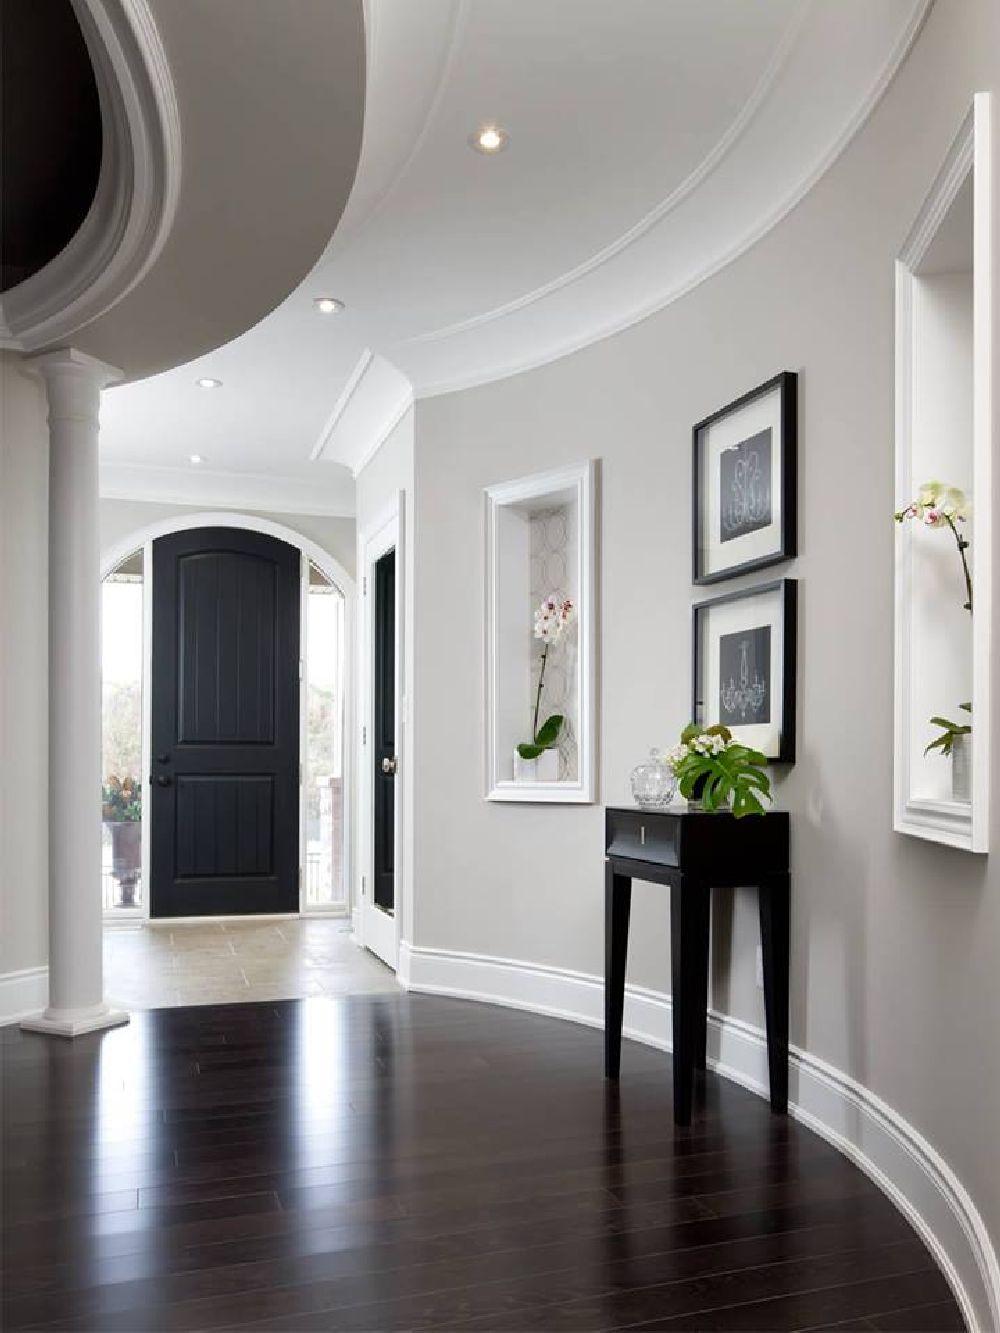 adelaparvu.com despre profile decorative si ornamente pentru fatade si interior, design CoArtCo (1)